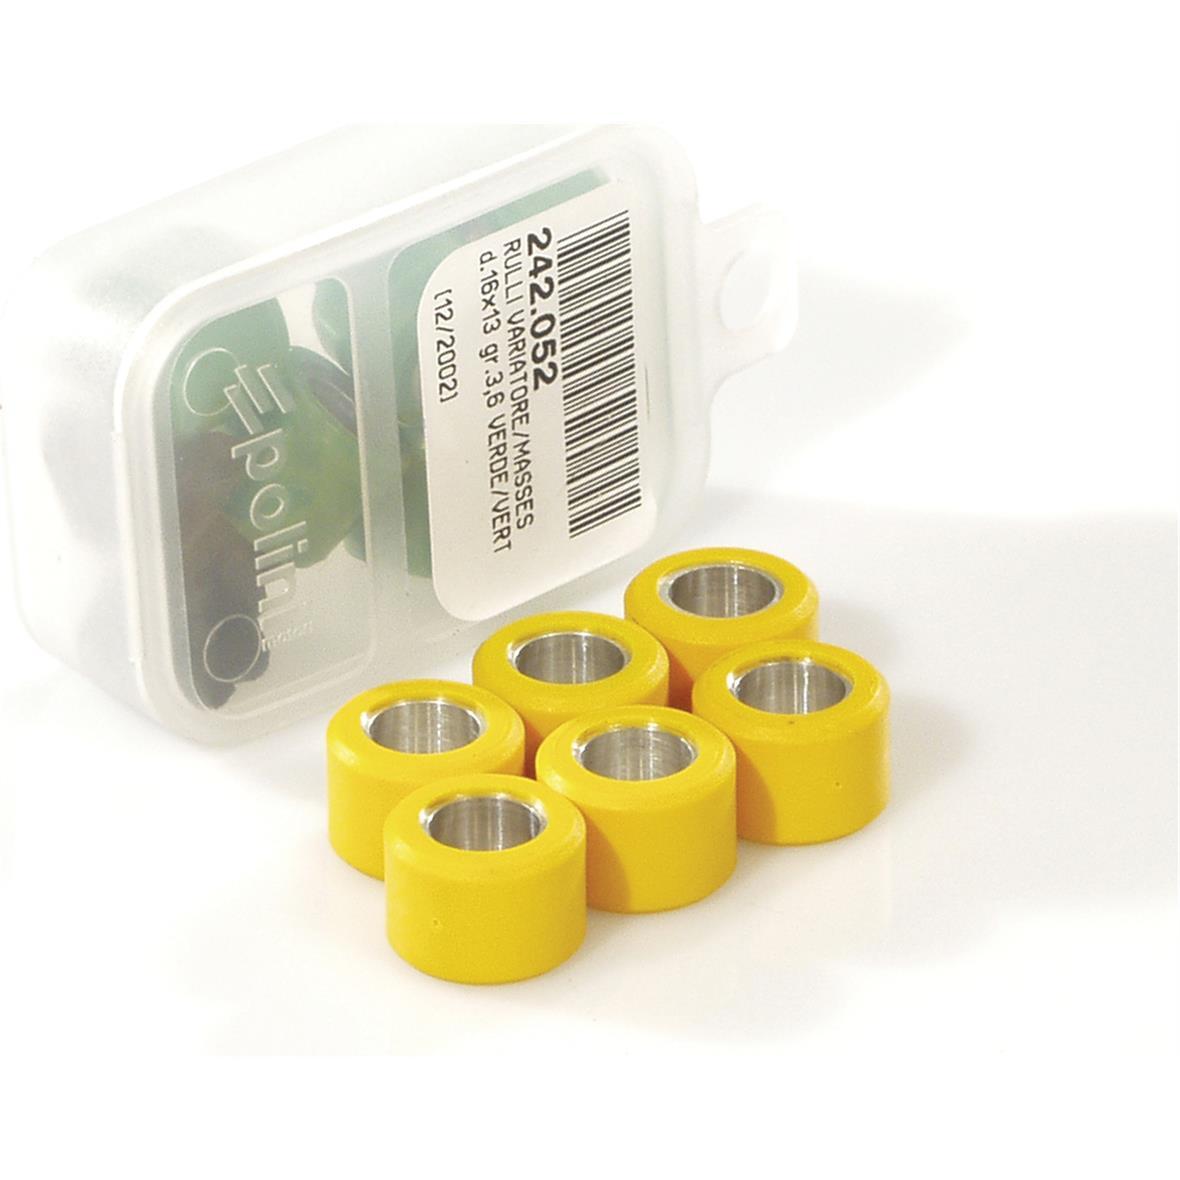 Εικόνα προϊόντος για 'Ράουλα Βαριατόρ POLINI 17x12 mm 6,9 γραμμάριοTitle'